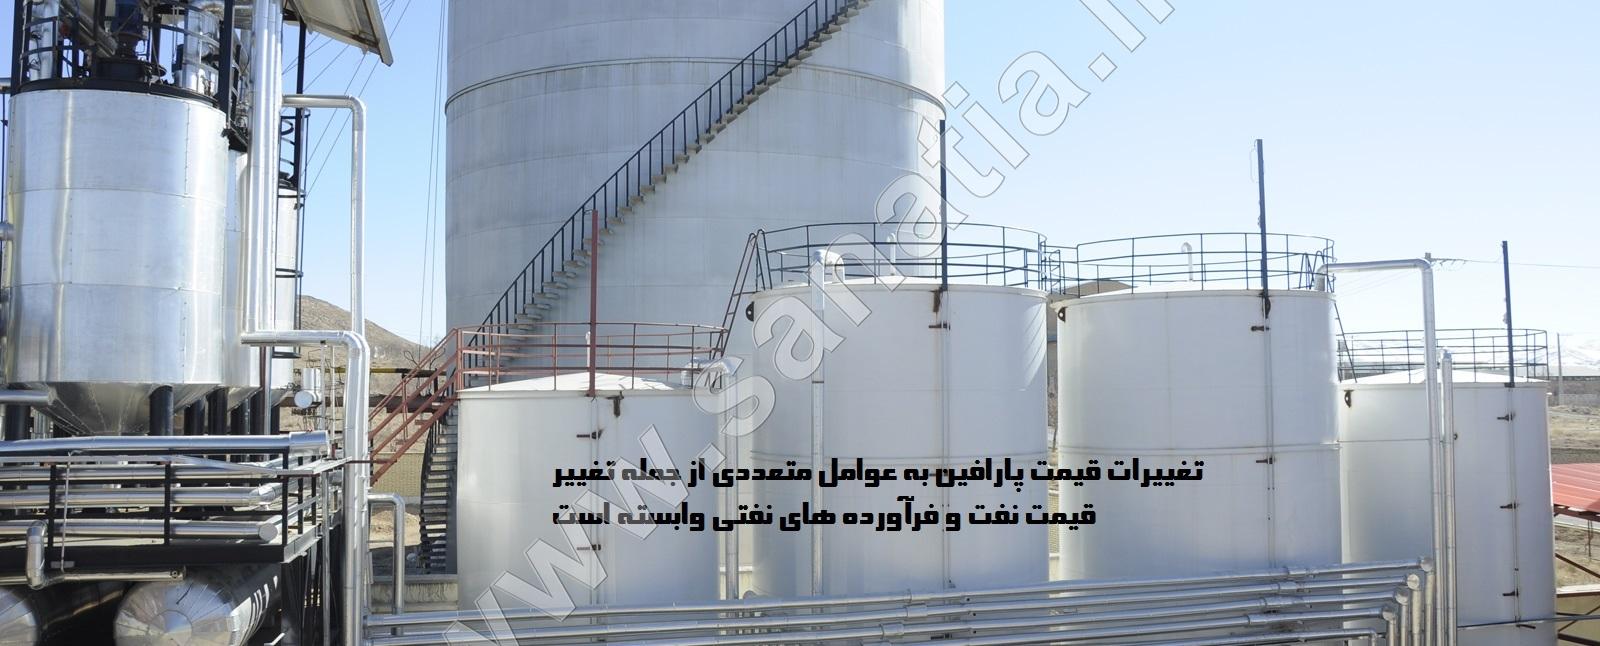 تغییرات قیمت پارافین مایع به عوامل متعددی وابسته است